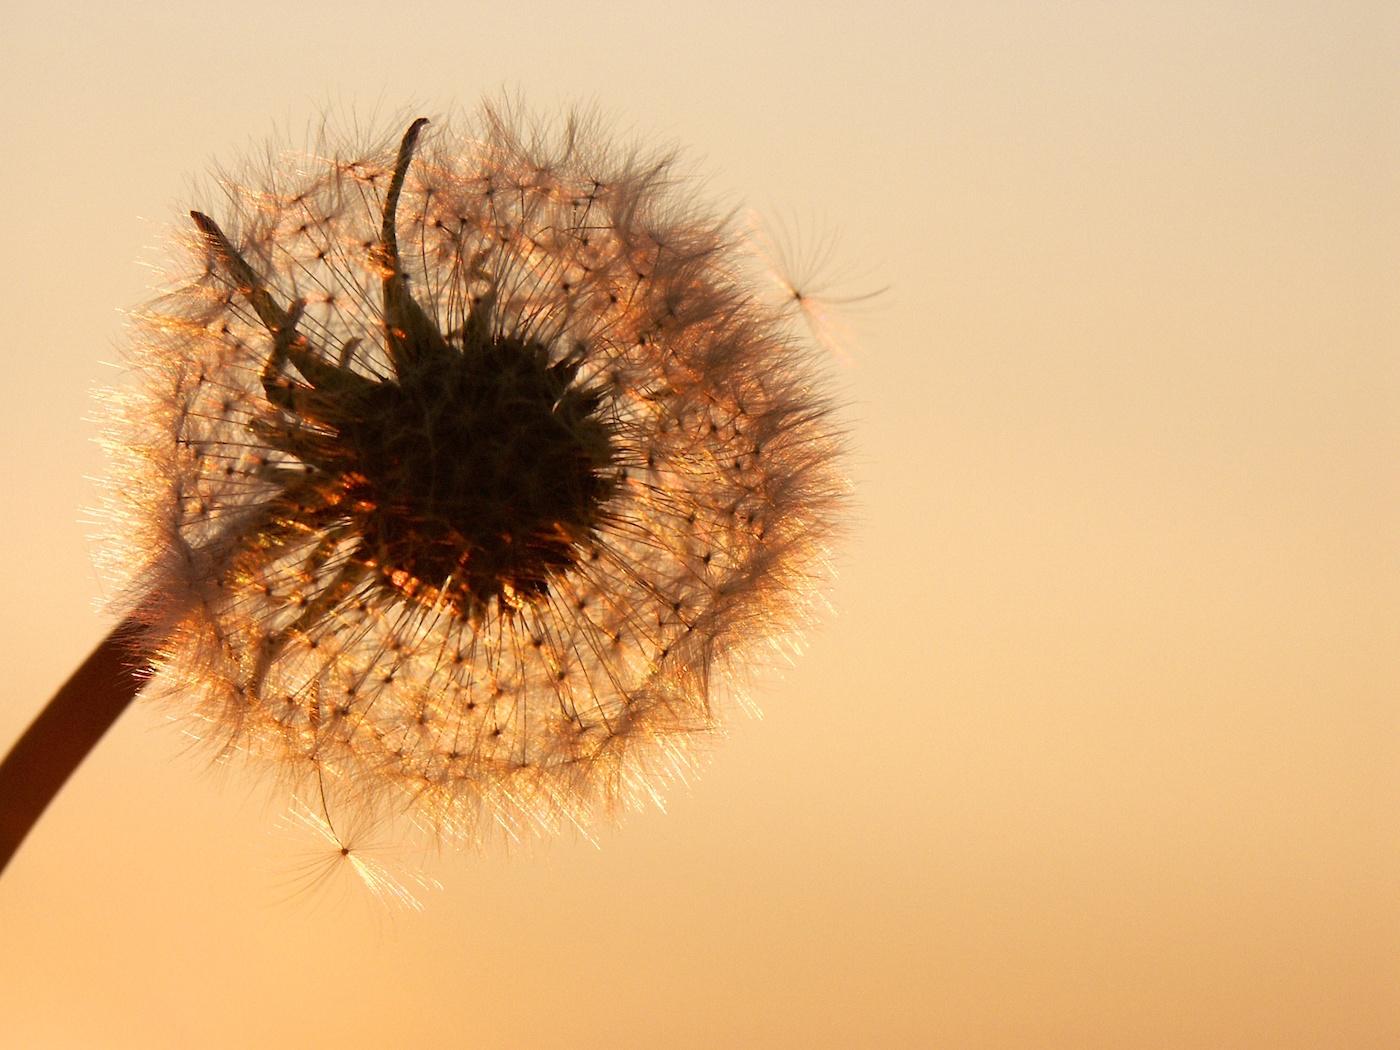 Dandelion-Michael Burdett